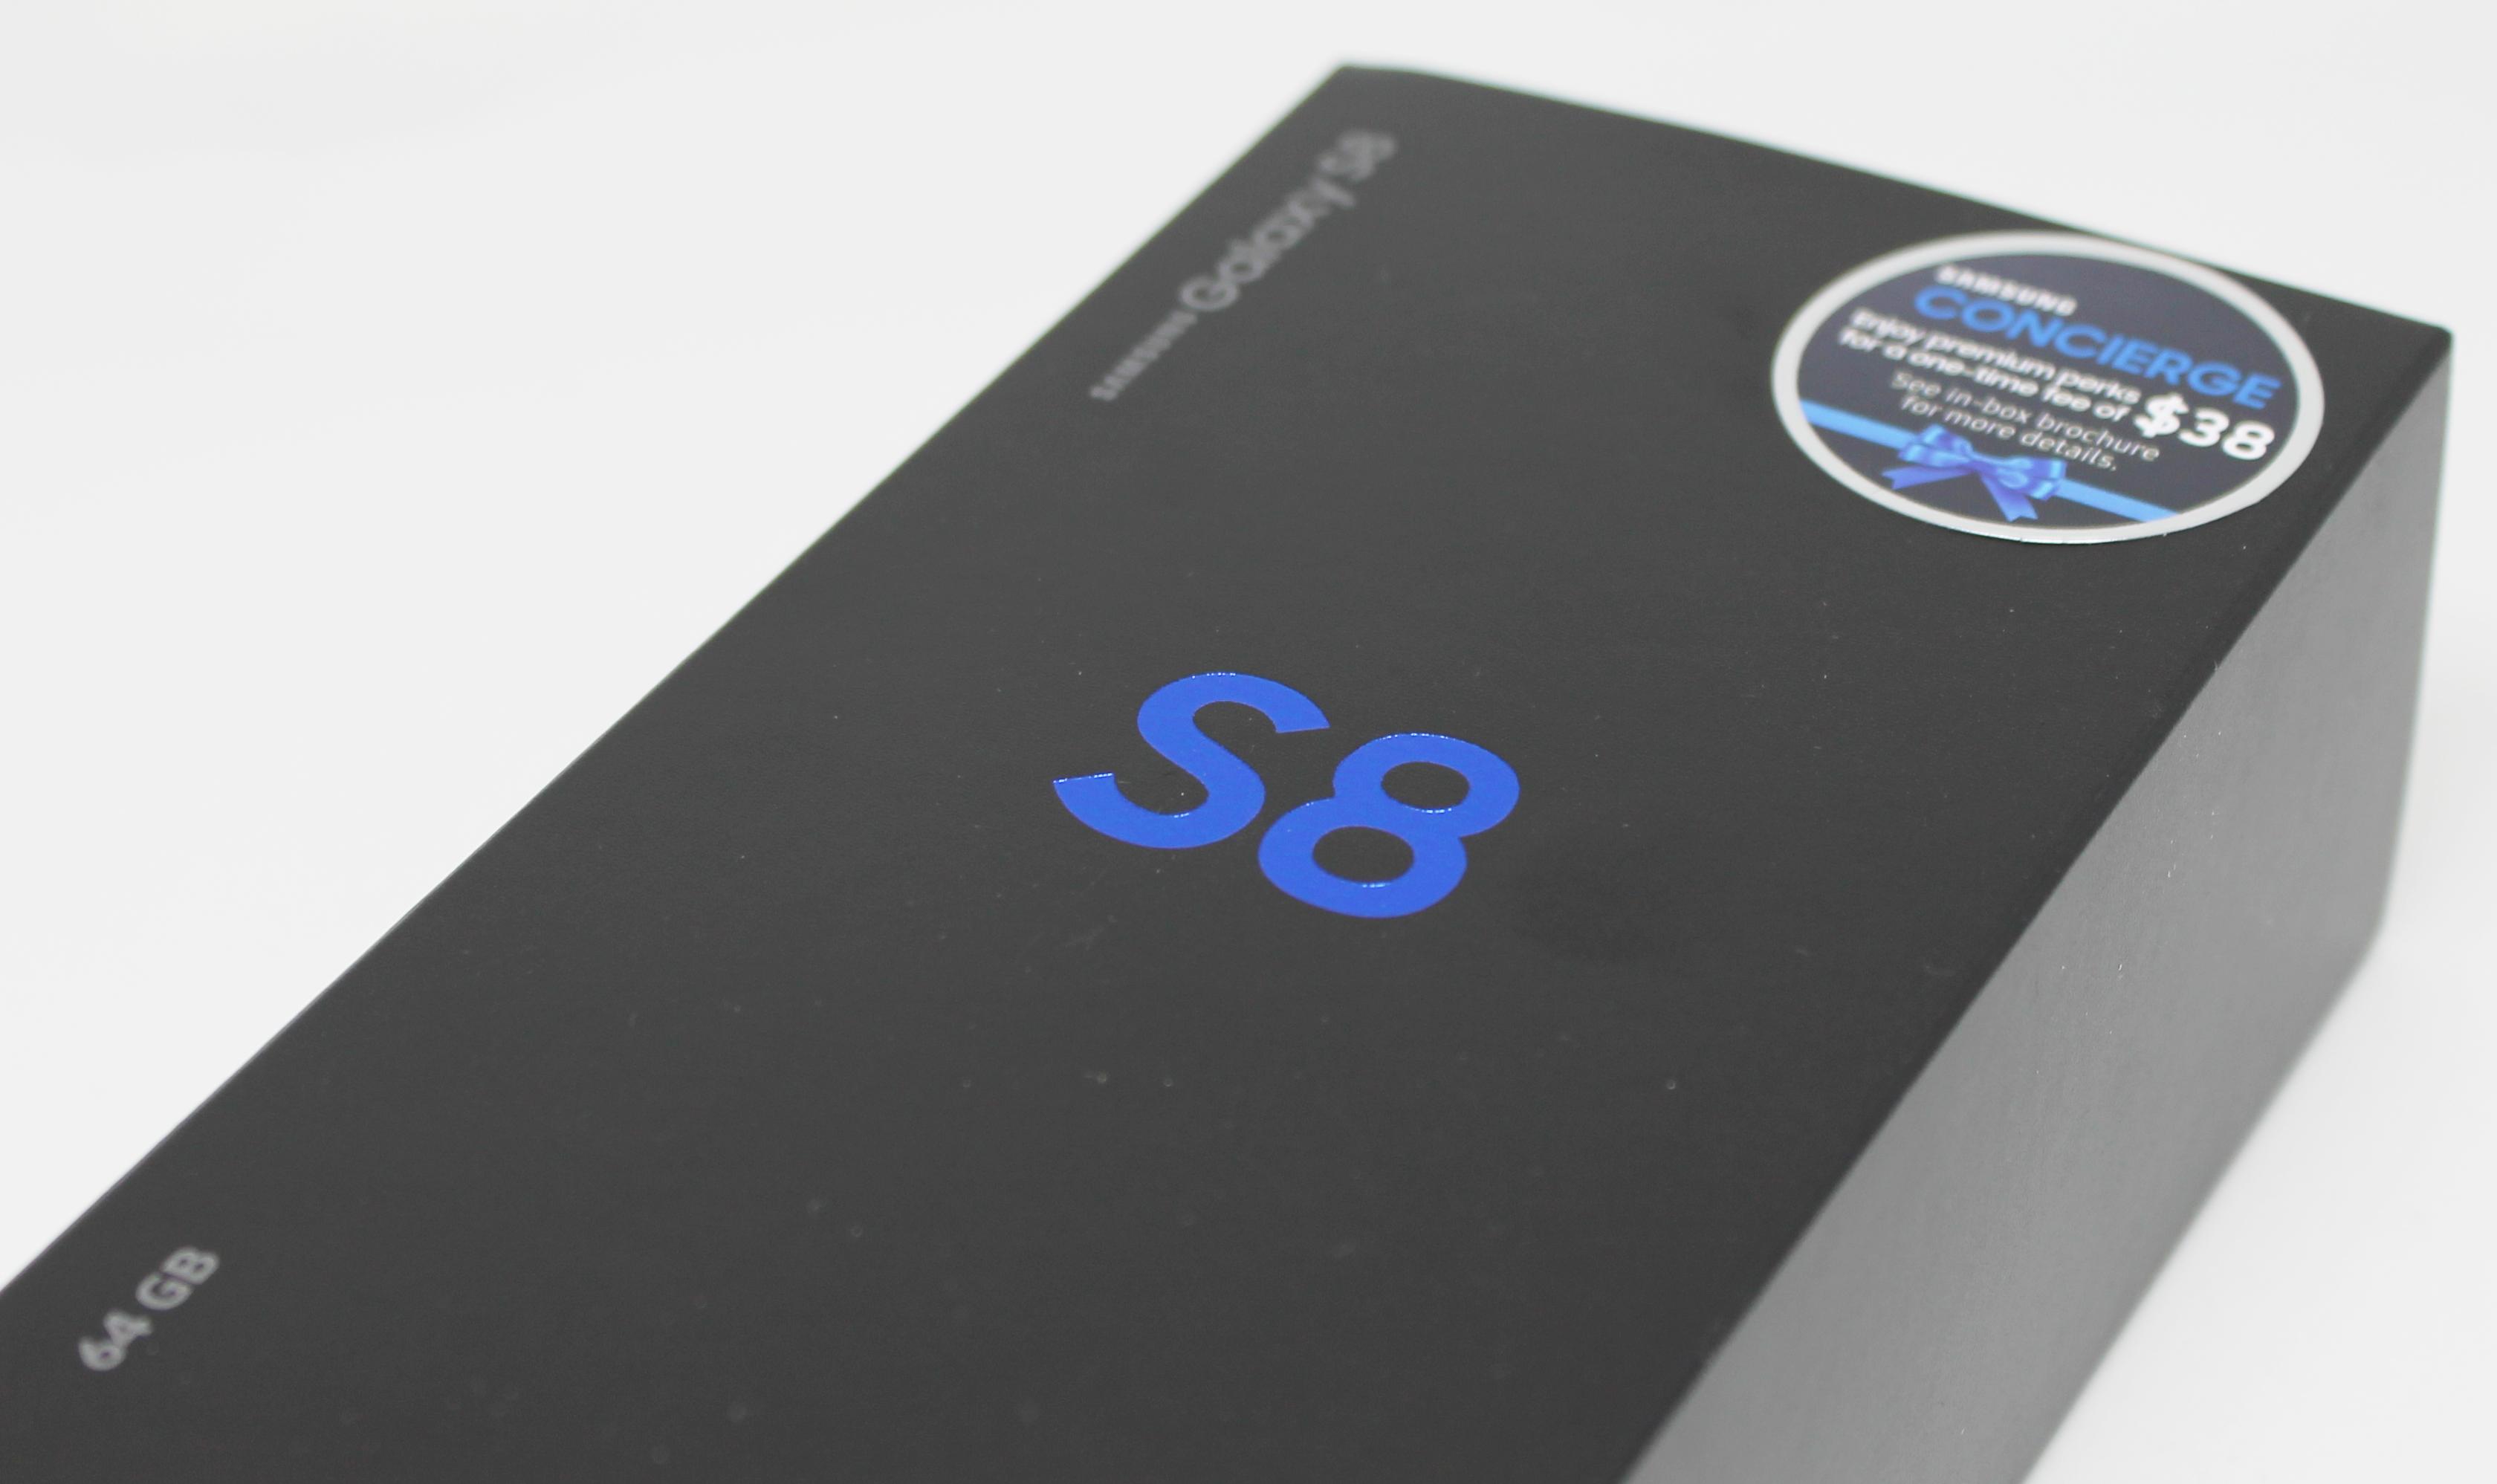 Galaxy S8シリーズに深刻な不具合?突如再起動がかかる問題が発生か